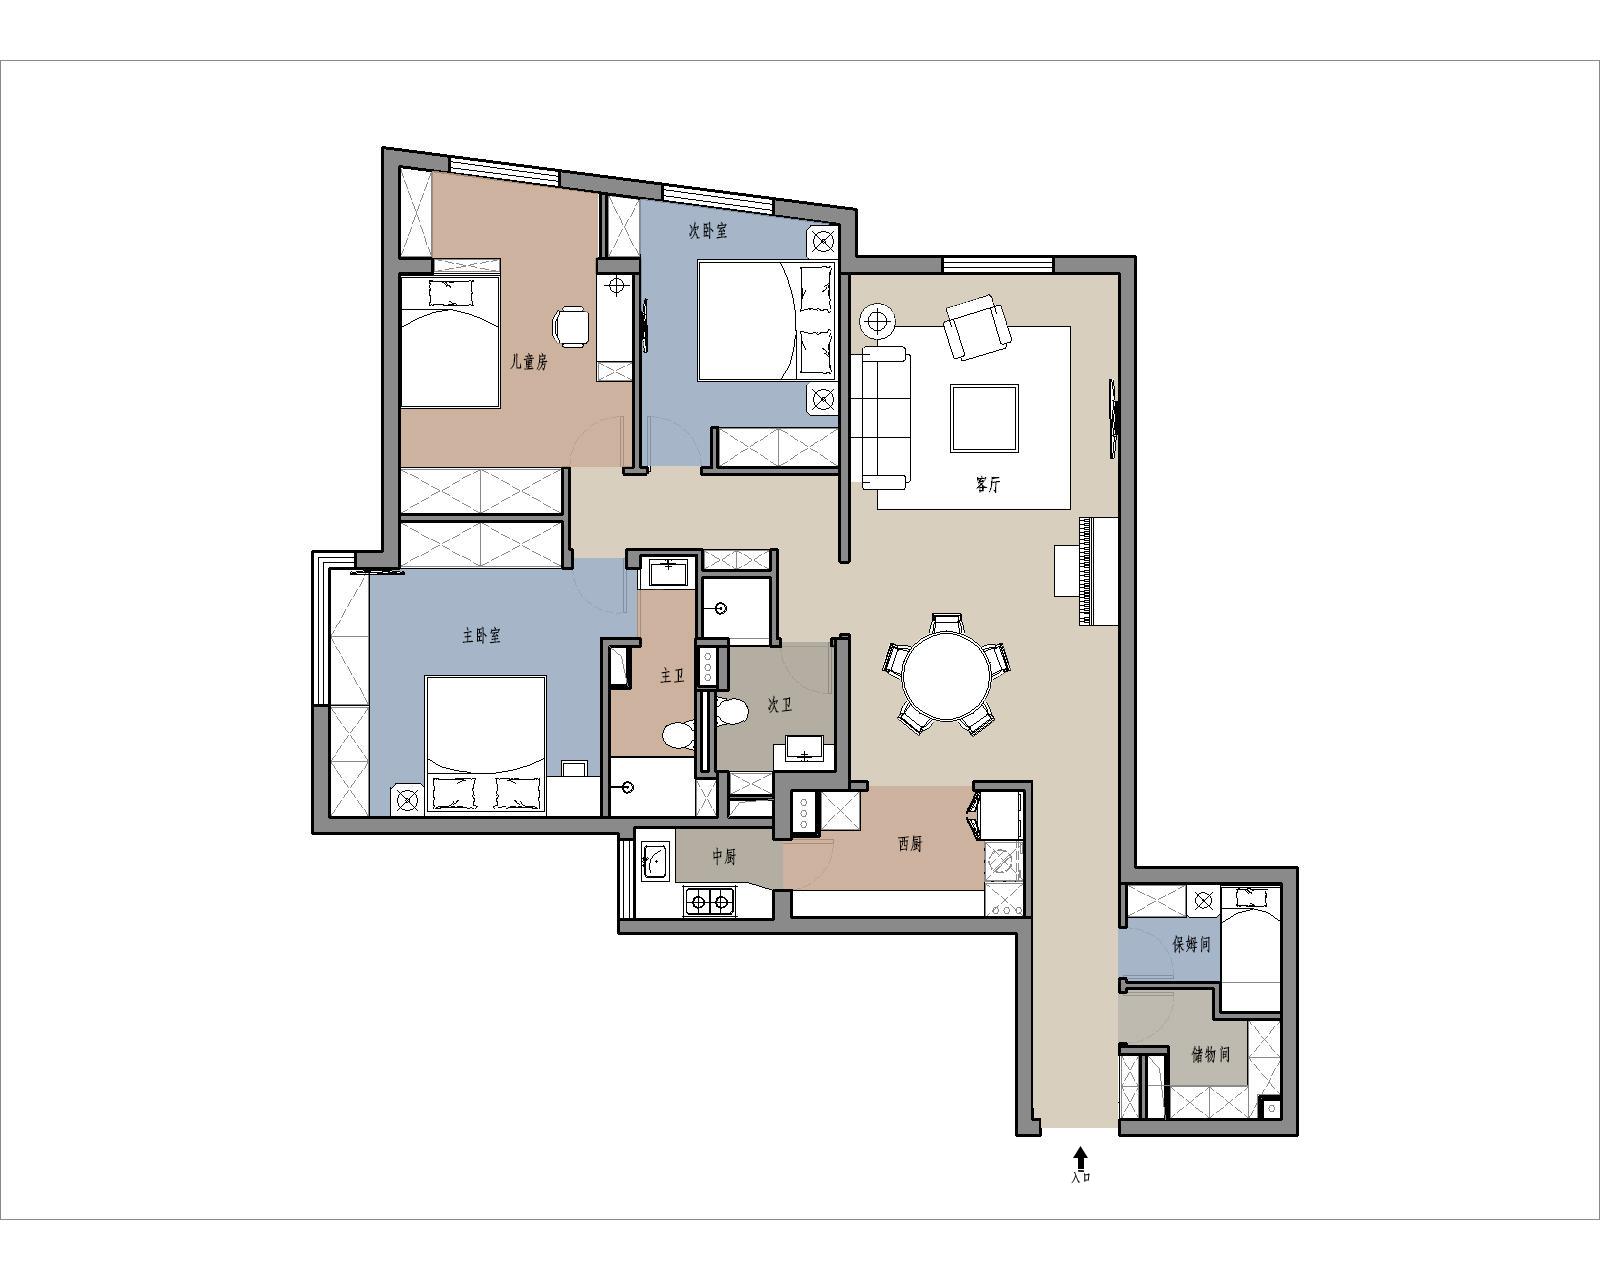 蓝堡国际-112.4平米-简美风格装修设计理念